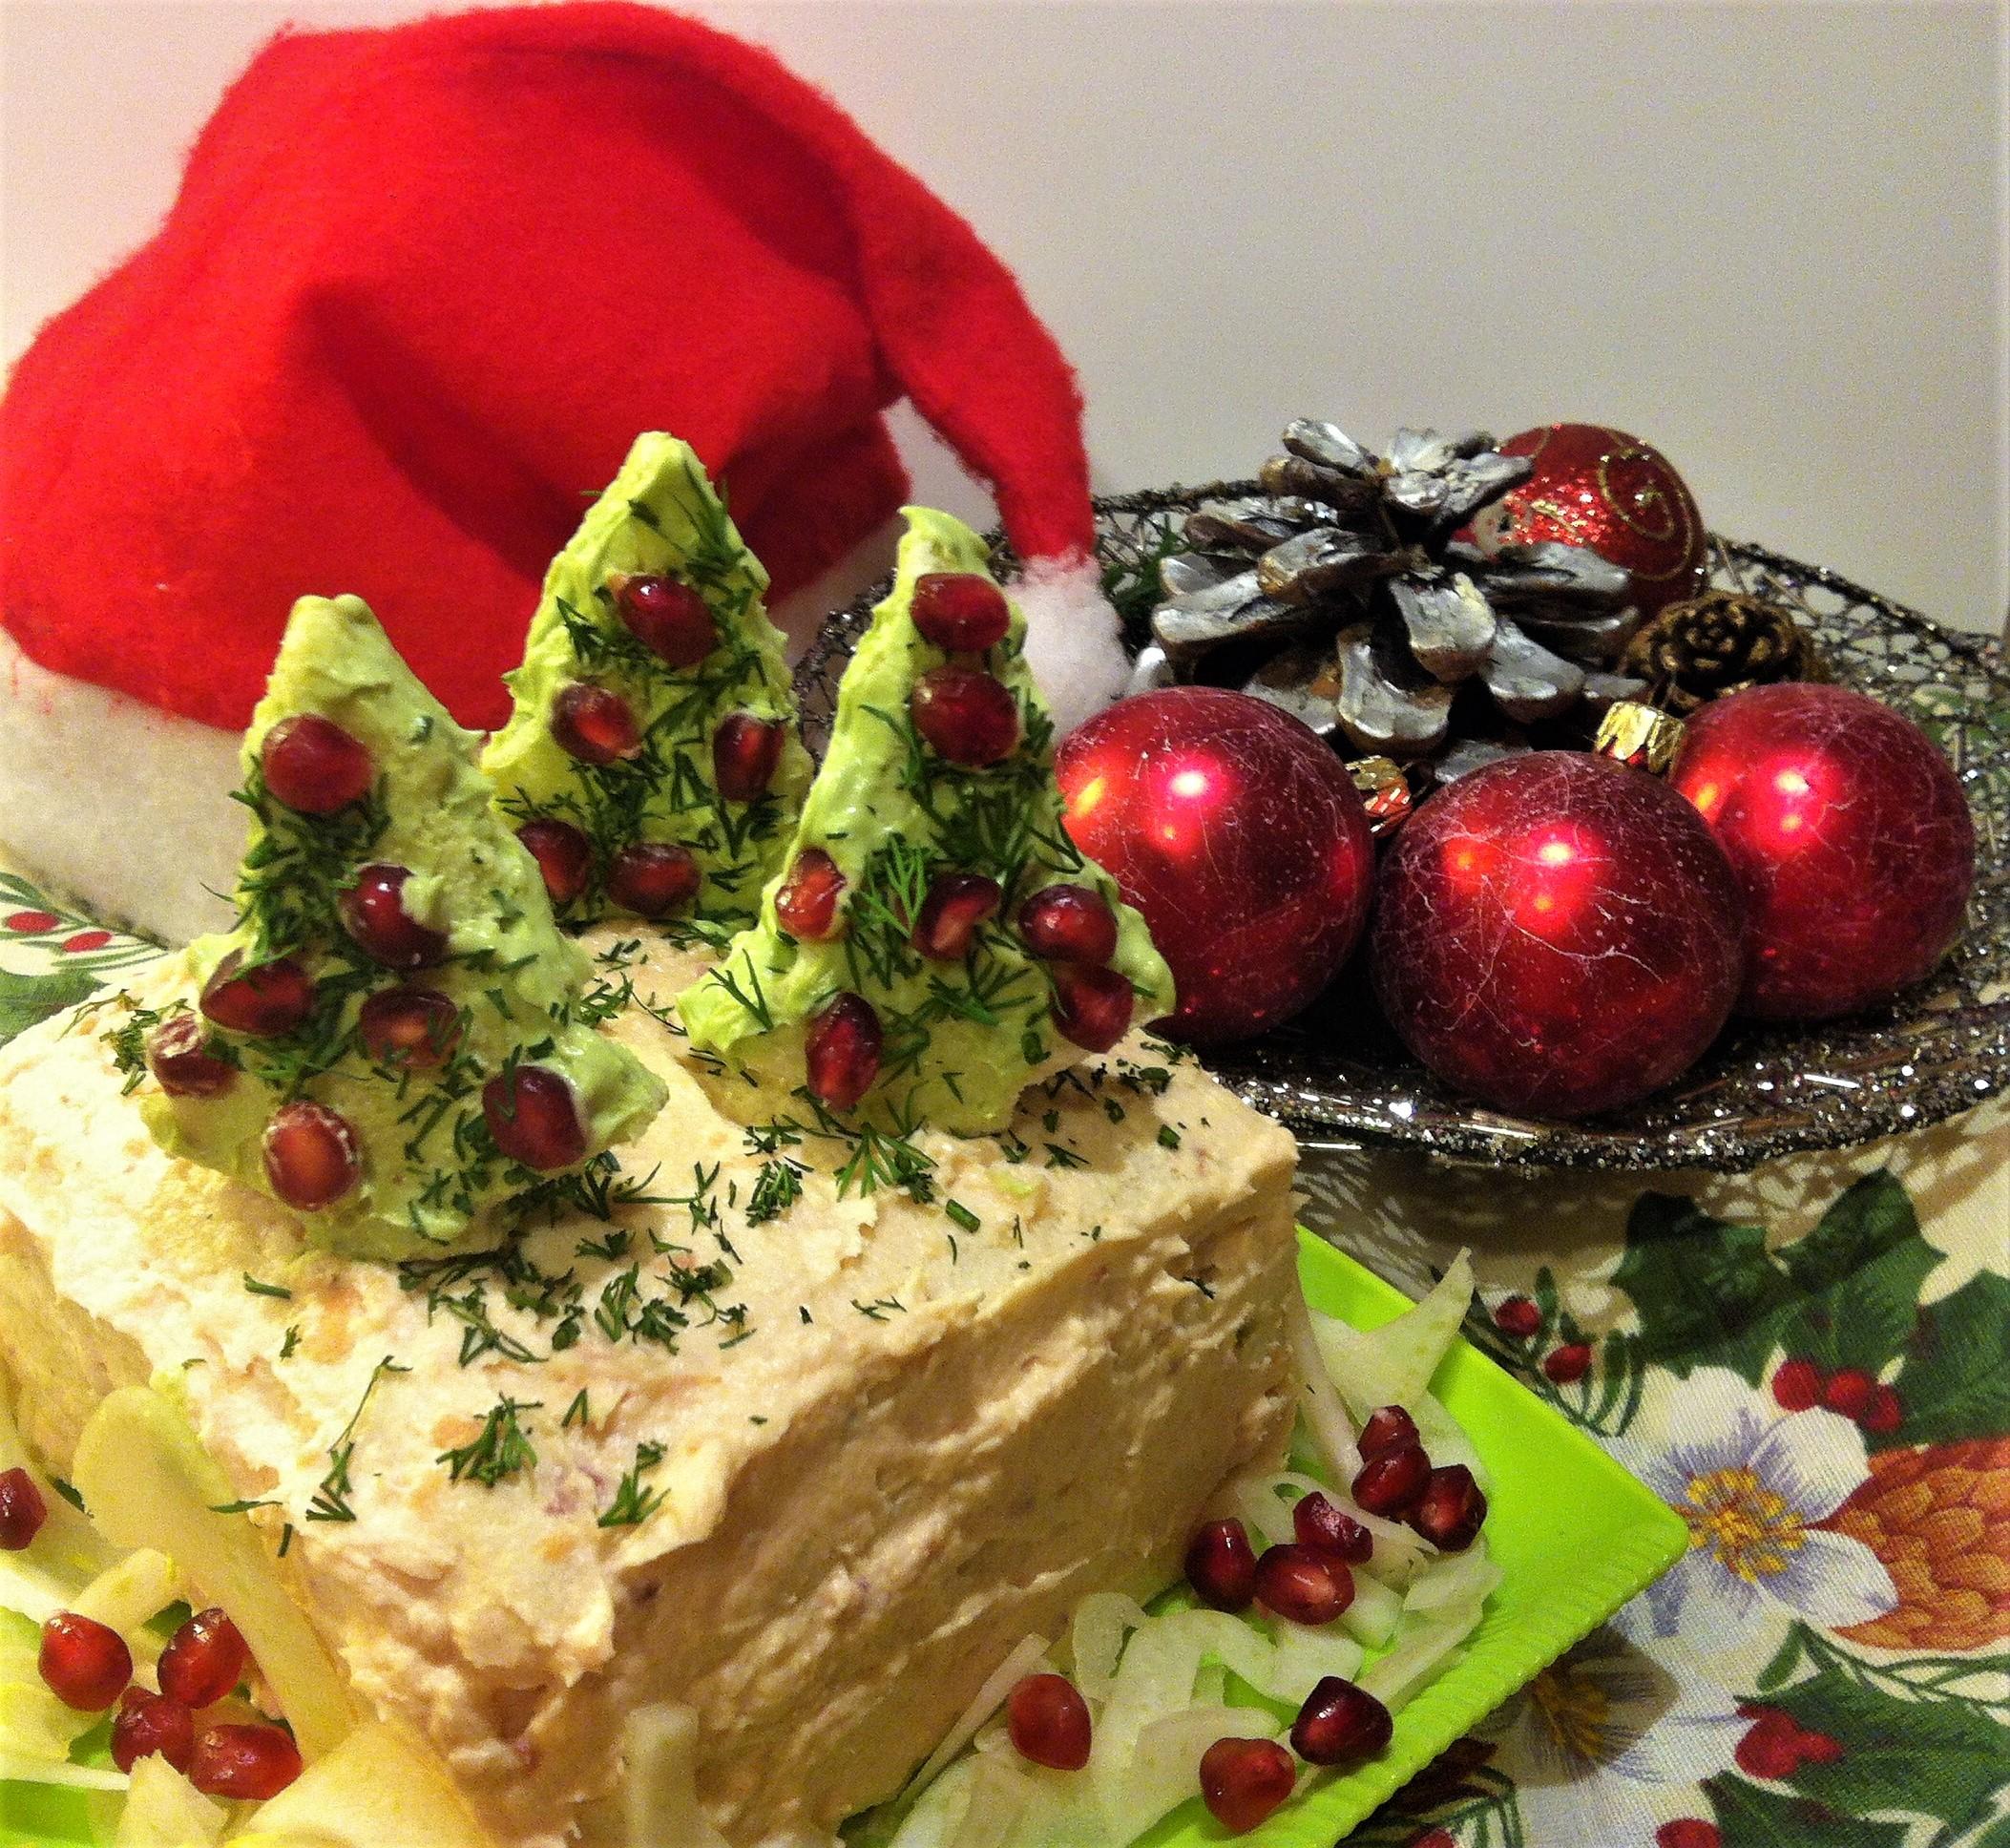 Antipasti Di Natale Sale E Pepe.Antipasto Di Natale Tramezzini Salmone E Avocado Cucina Svago